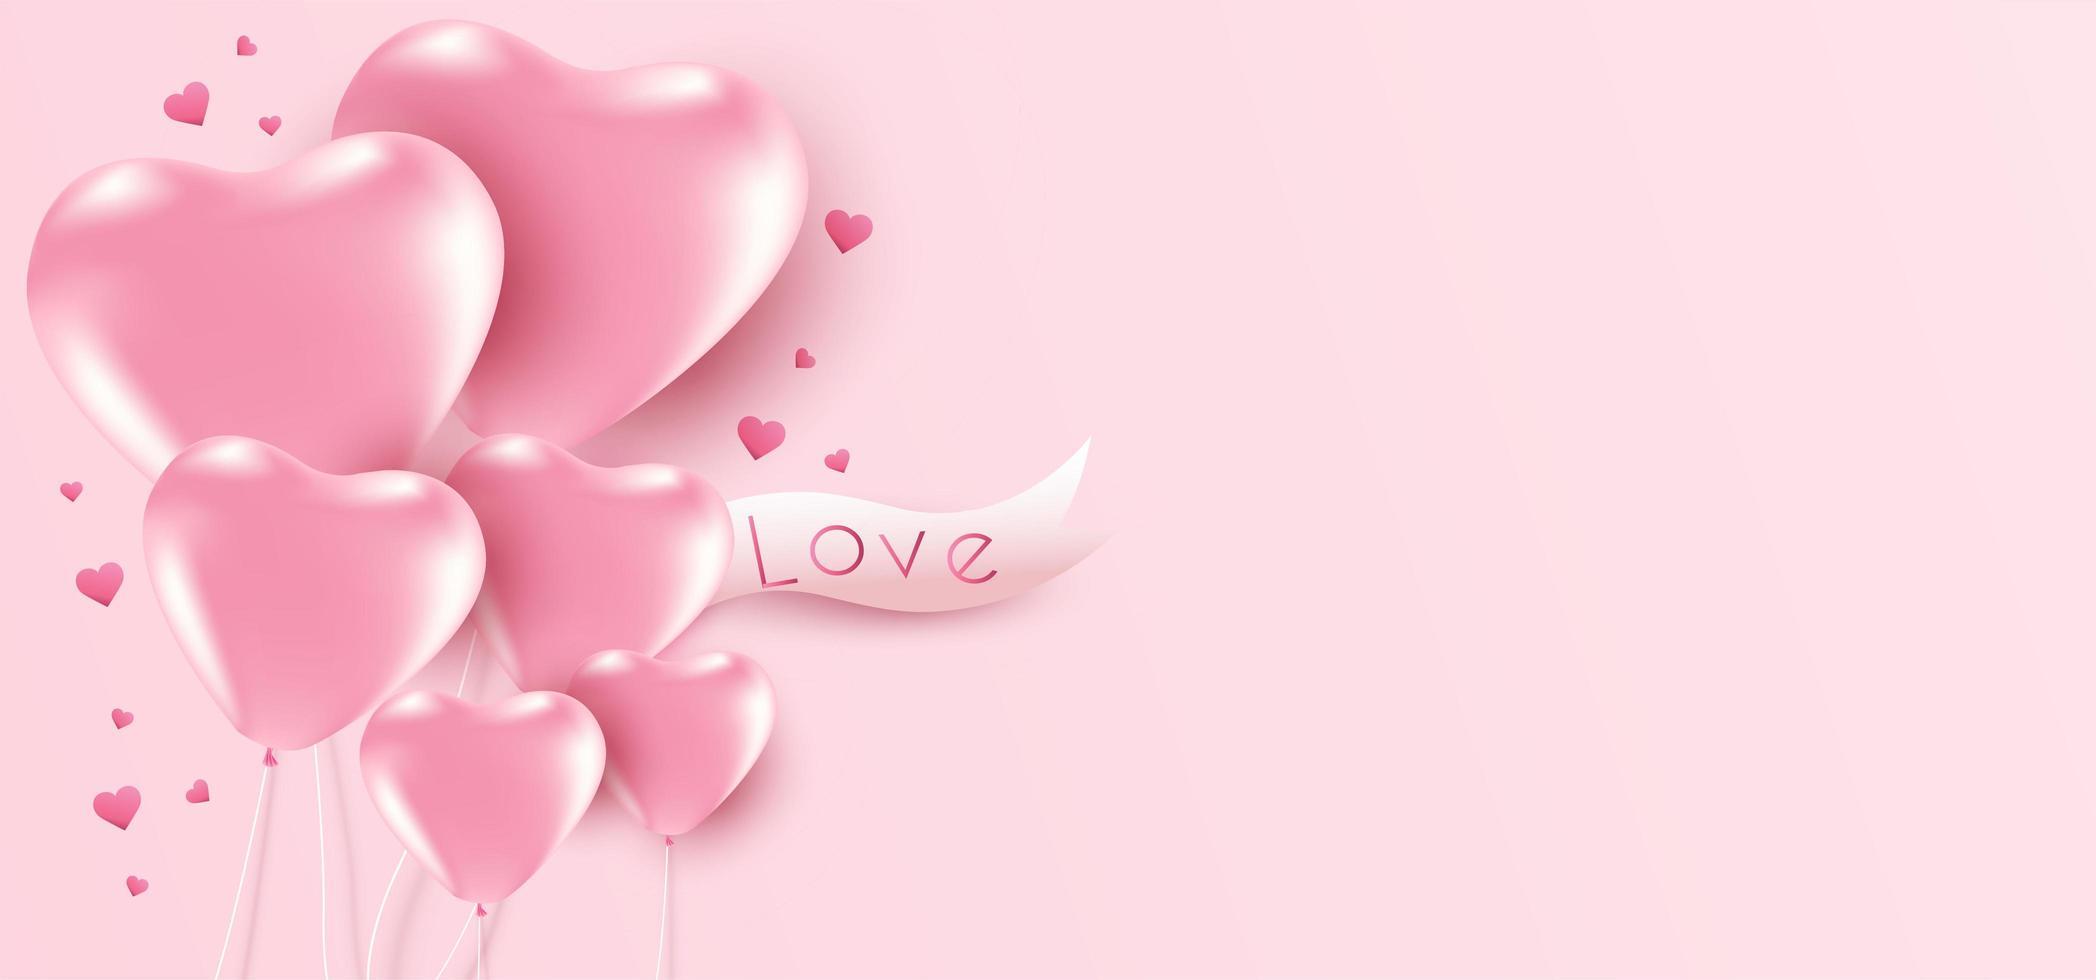 Valentinstaghintergrund mit Herz Ballons und copyspace. vektor